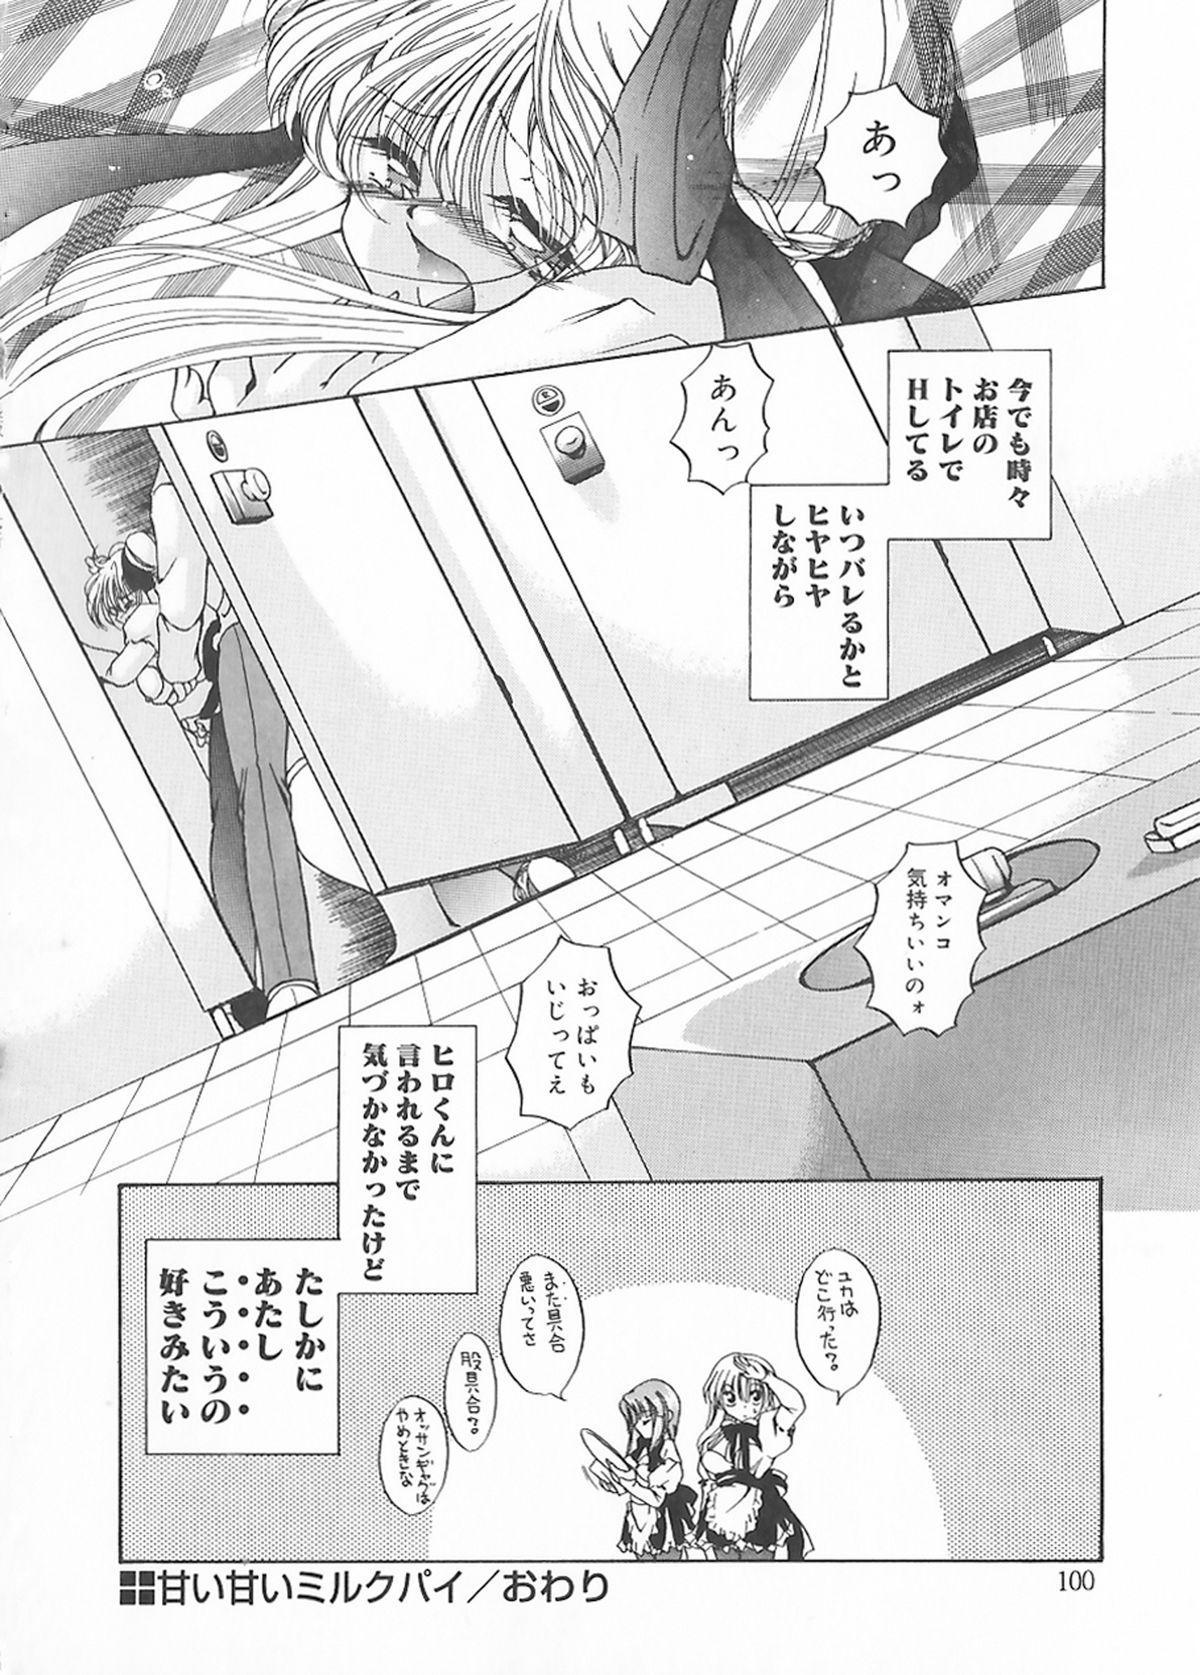 Cream Tengoku - Shinsouban 97